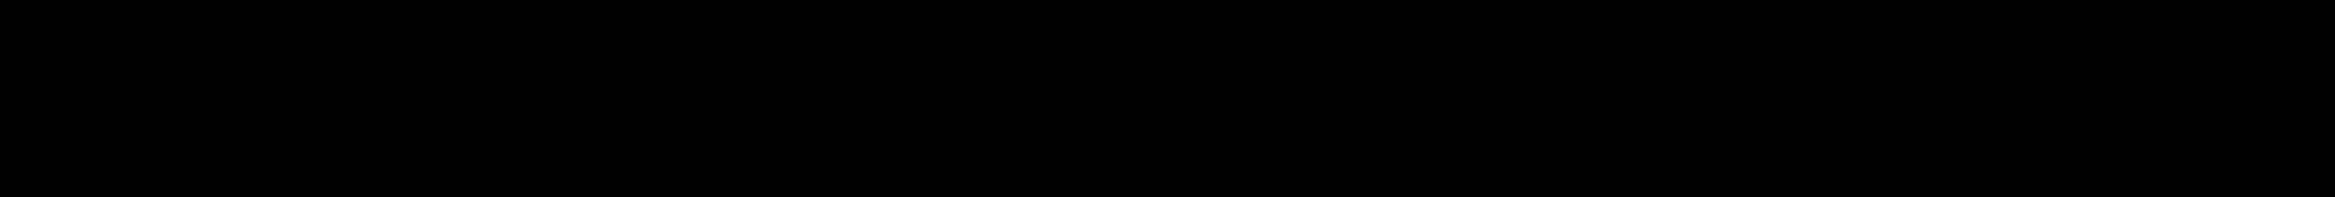 PI-Type-Blk copy.png